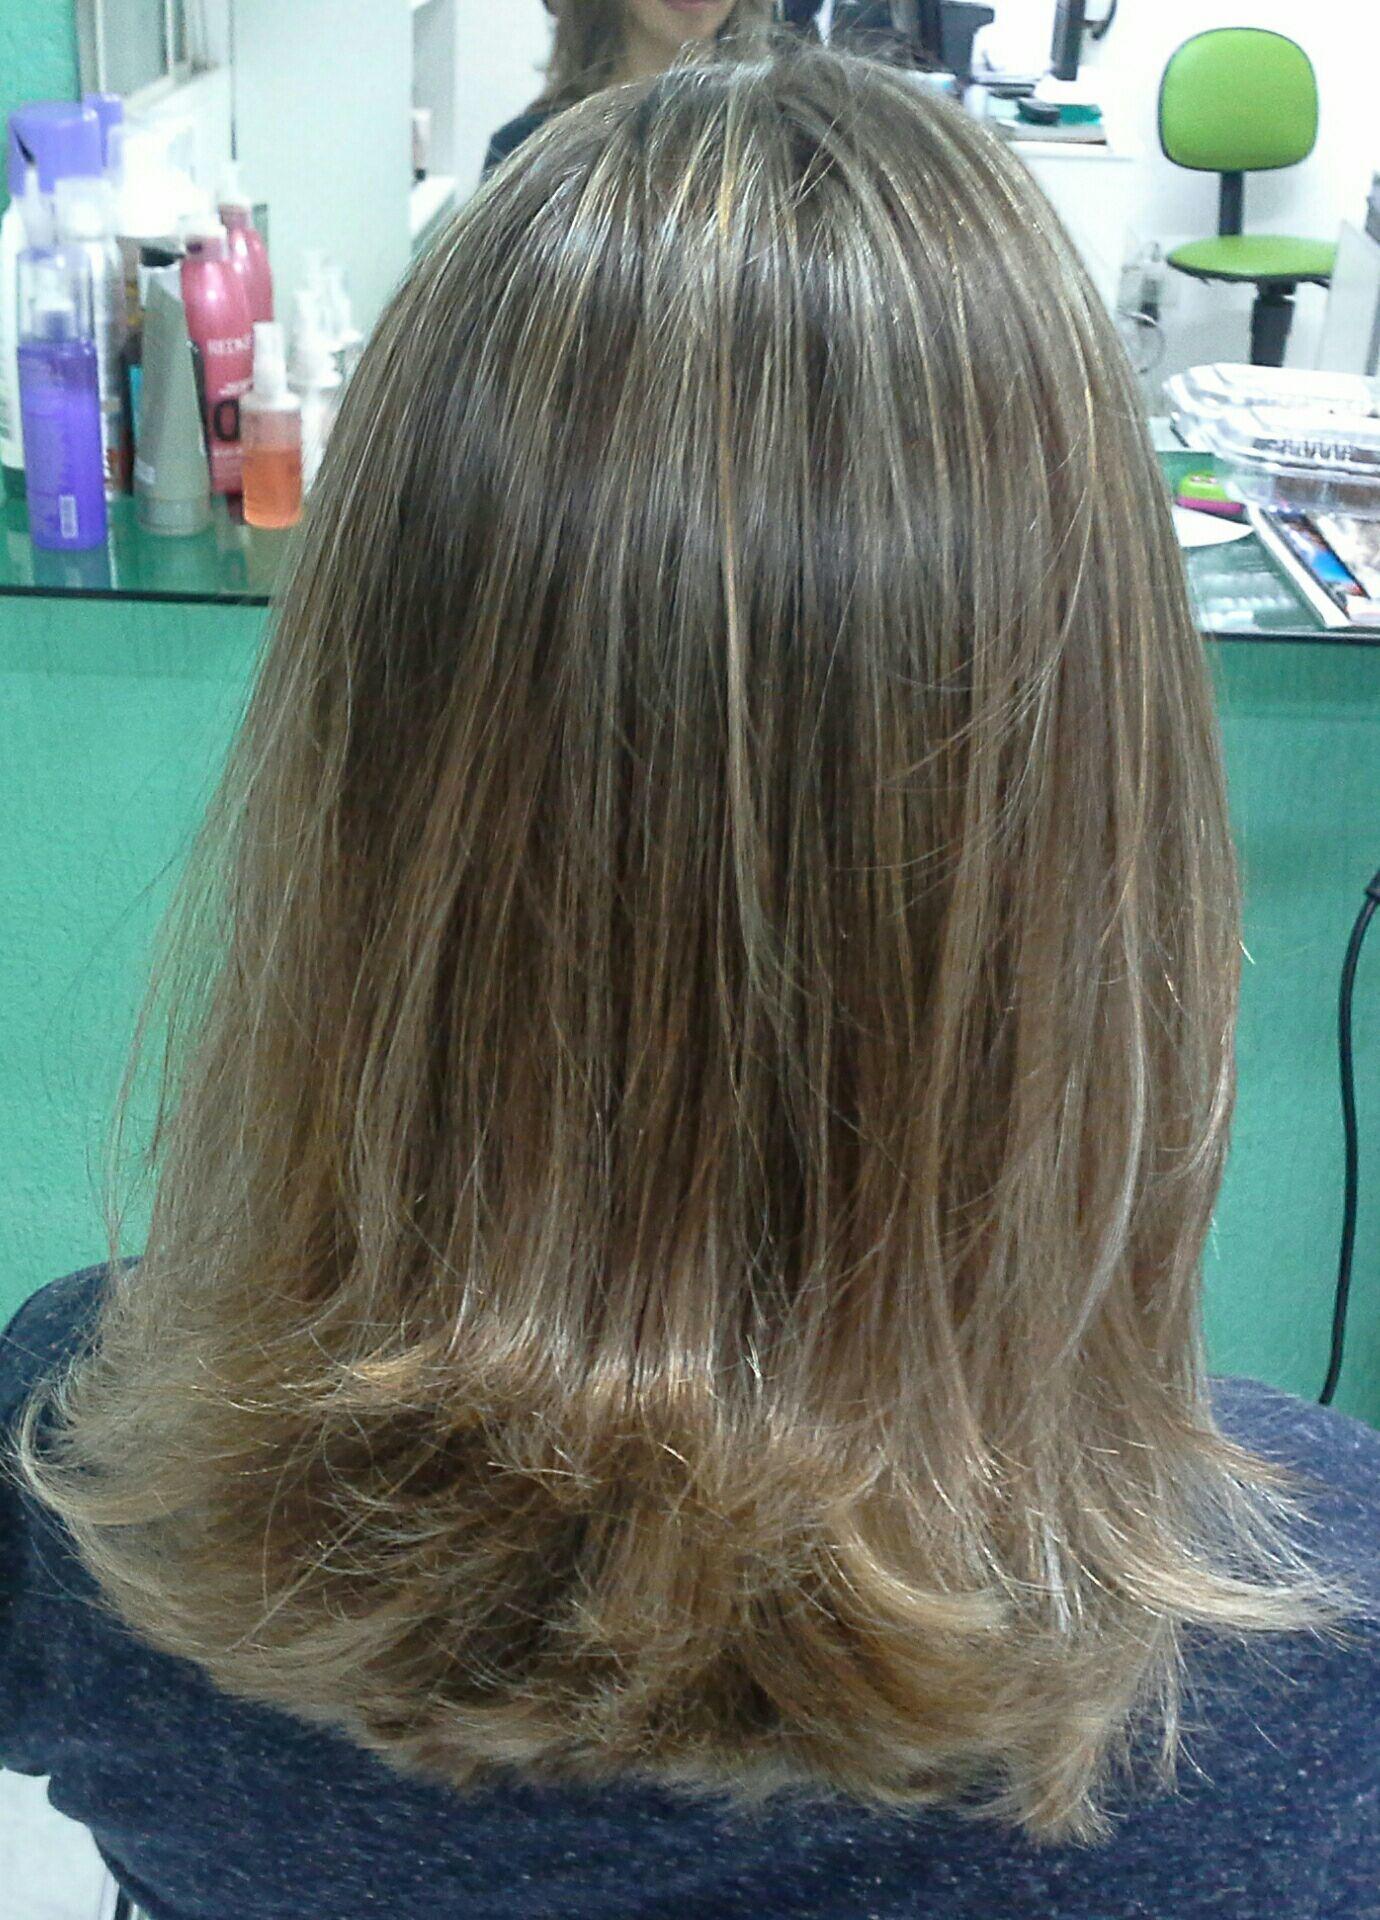 Corte long bob  e ombre hair  Veravisagista  São Paulo cabelo stylist / visagista cabeleireiro(a)